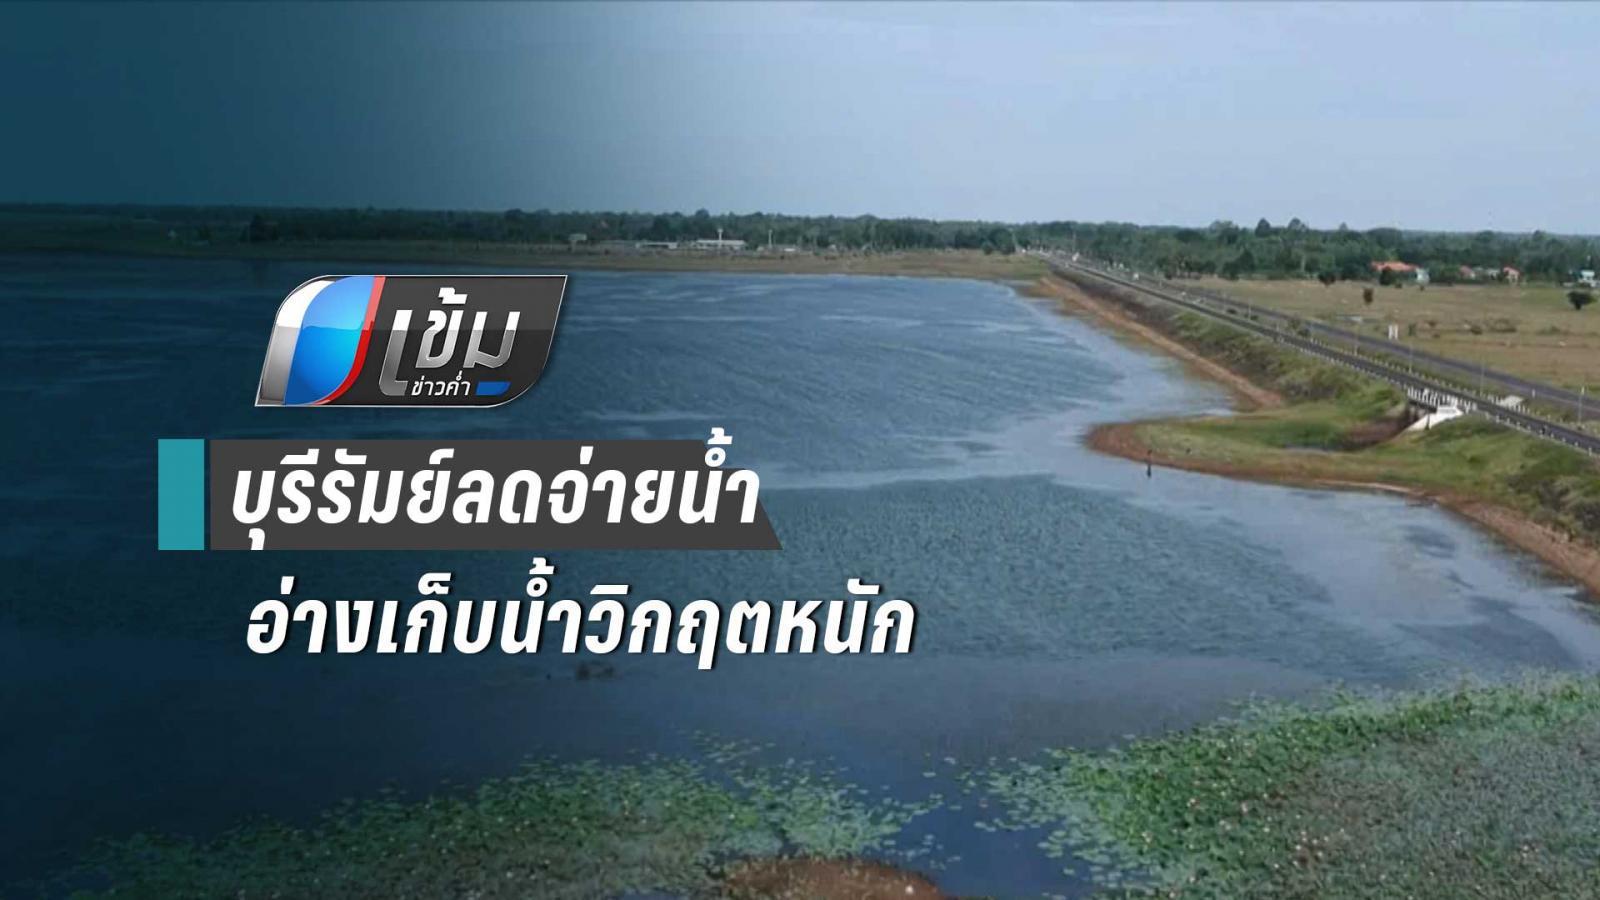 กปภ.บุรีรัมย์ ลดจ่ายน้ำประปา หลังอ่างเก็บน้ำ 2 แห่ง เจอวิกฤตขาดแคลนน้ำ